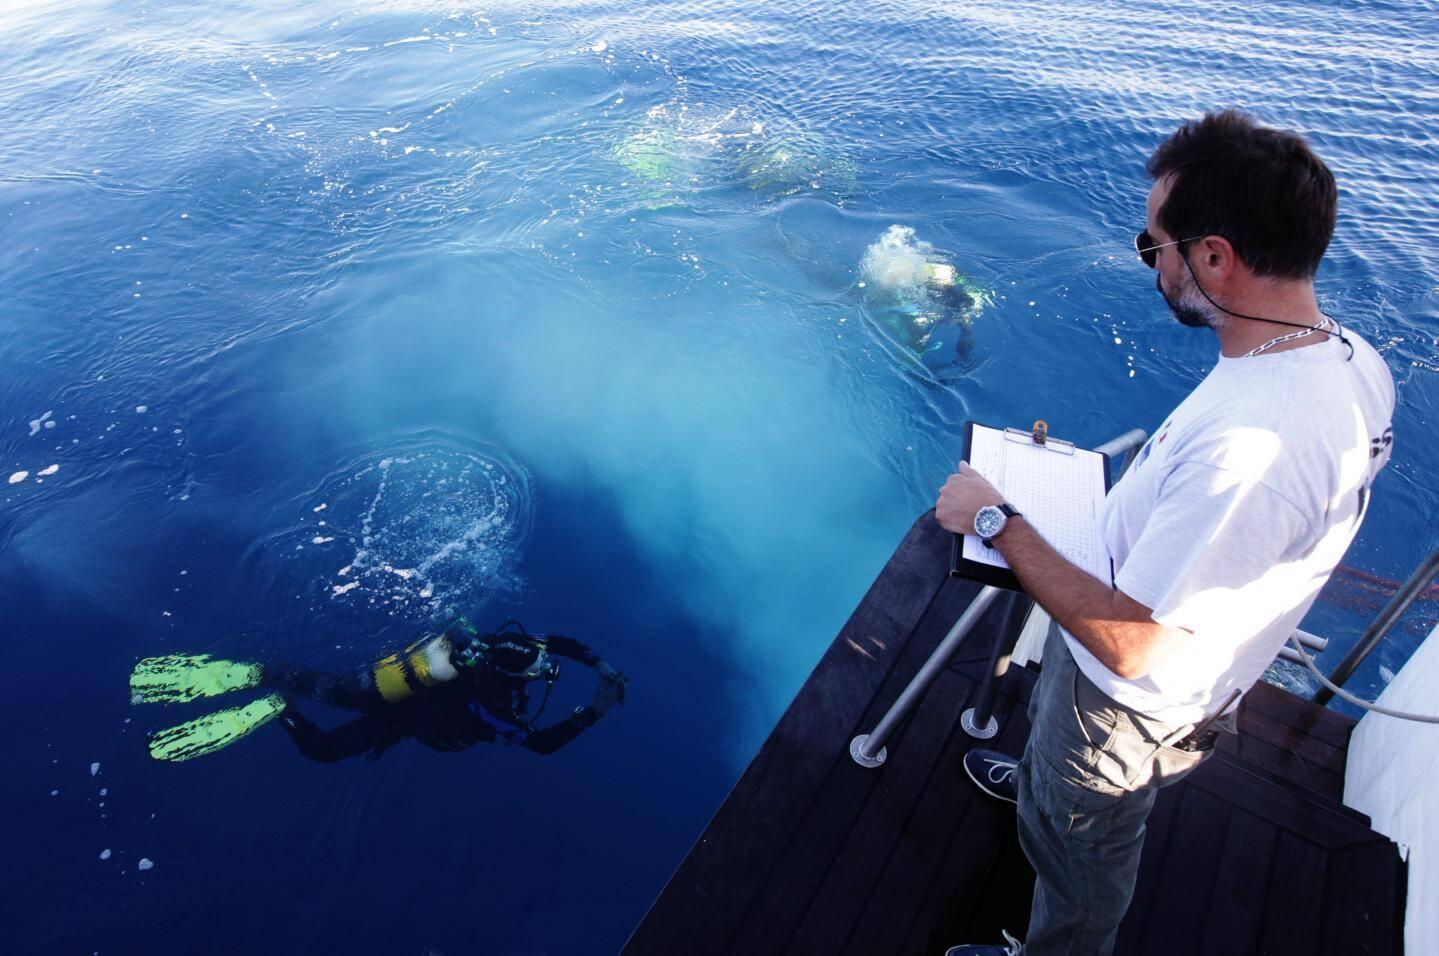 Sébastien Legrand, contrôleur de sécurité hyperbare, a veillé en permanence sur les plongeurs.  fouille archeo sous marine